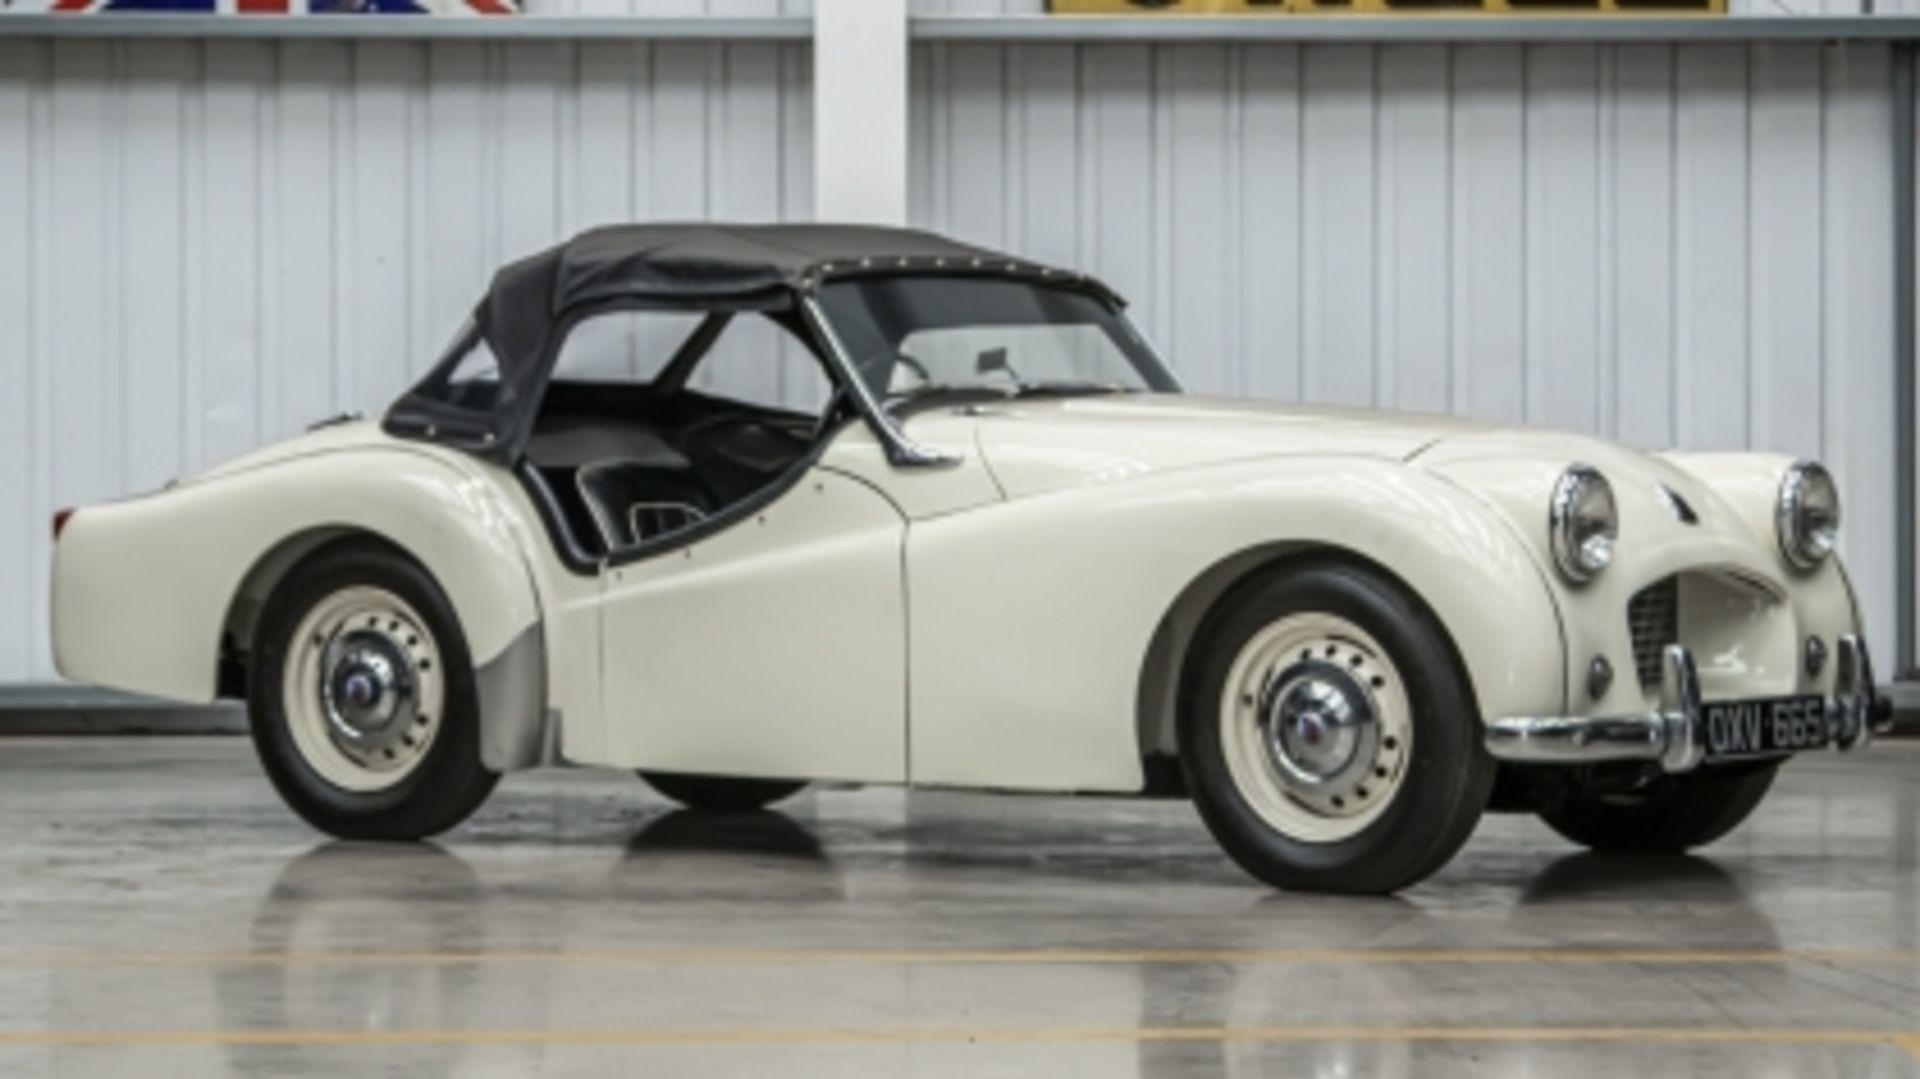 Lot 553 - 1954 Triumph TR2 'Long Door'